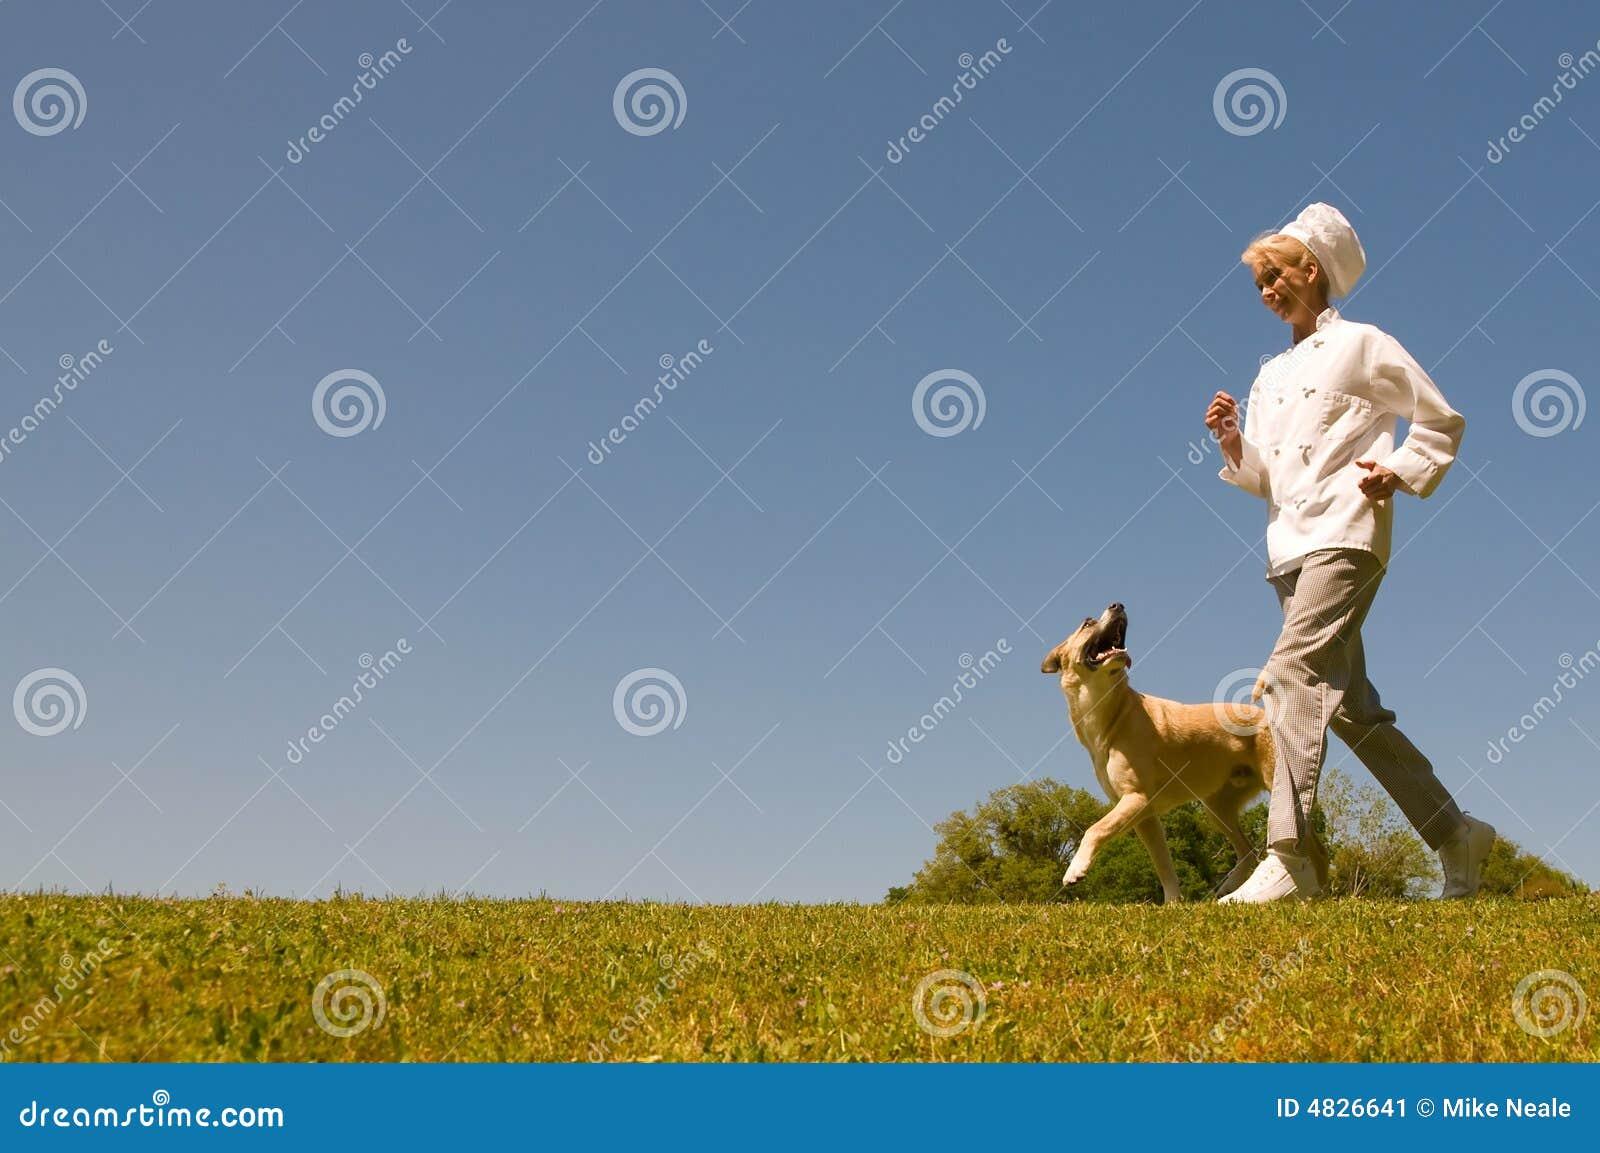 活动有吸引力的获取主厨狗女性象草健康她的跑步生活方式室外顶部穿图片